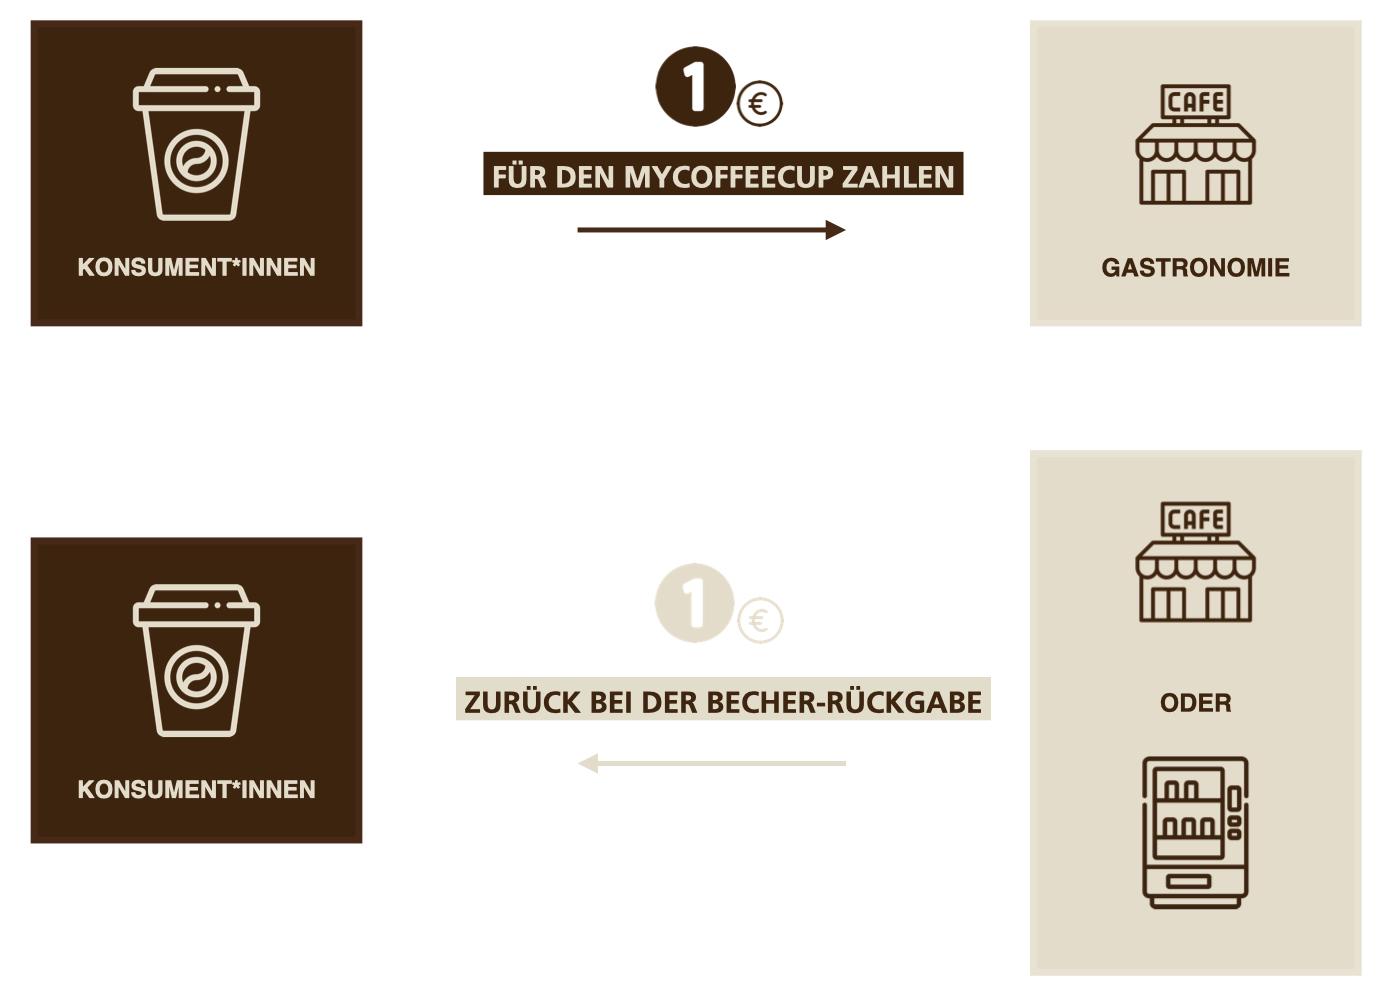 Auf diesem Bild sieht man die Funktionsweise des myCoffeeCup Mehrwegsystems. Als Konsument 1 Euro für den myCoffeeCup bei der Gastronomie zahlen und 1 Euro wieder retour bekommen bei der Rückgabe - entweder bei einem Automaten oder wieder bei der Gastronomie.